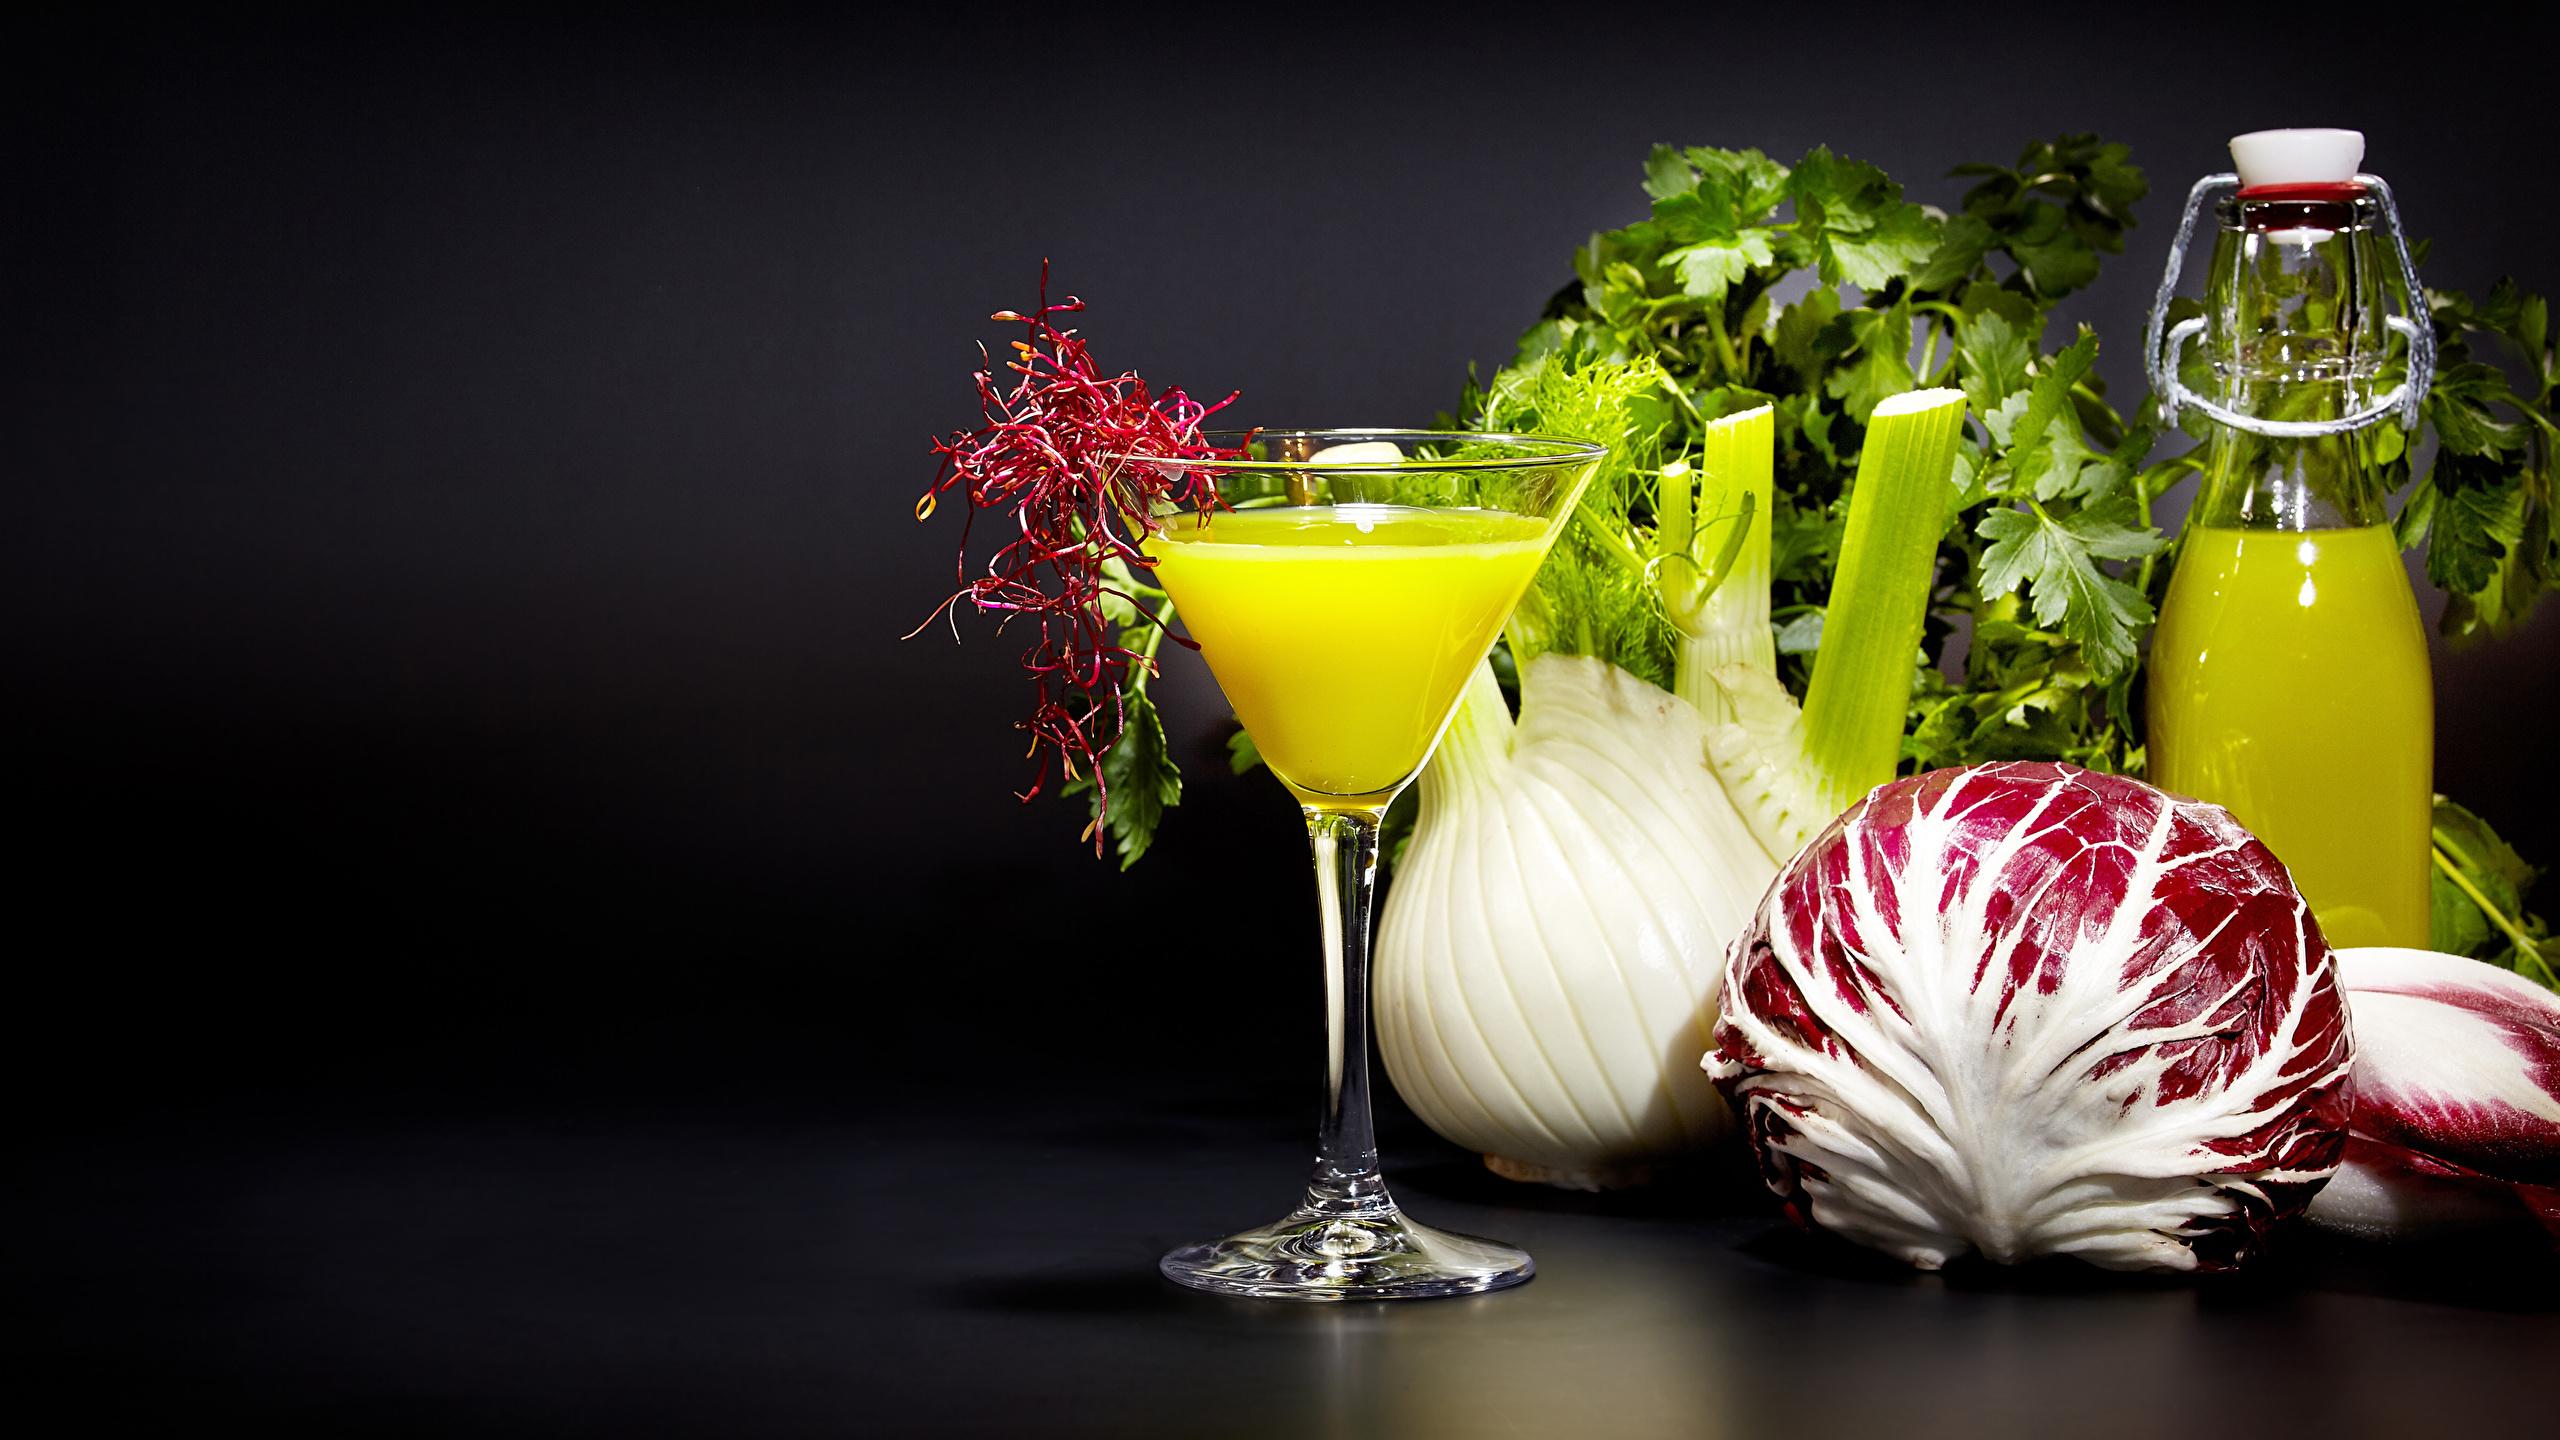 Foto Saft Gemüse flaschen Weinglas Lebensmittel 2560x1440 Fruchtsaft Flasche